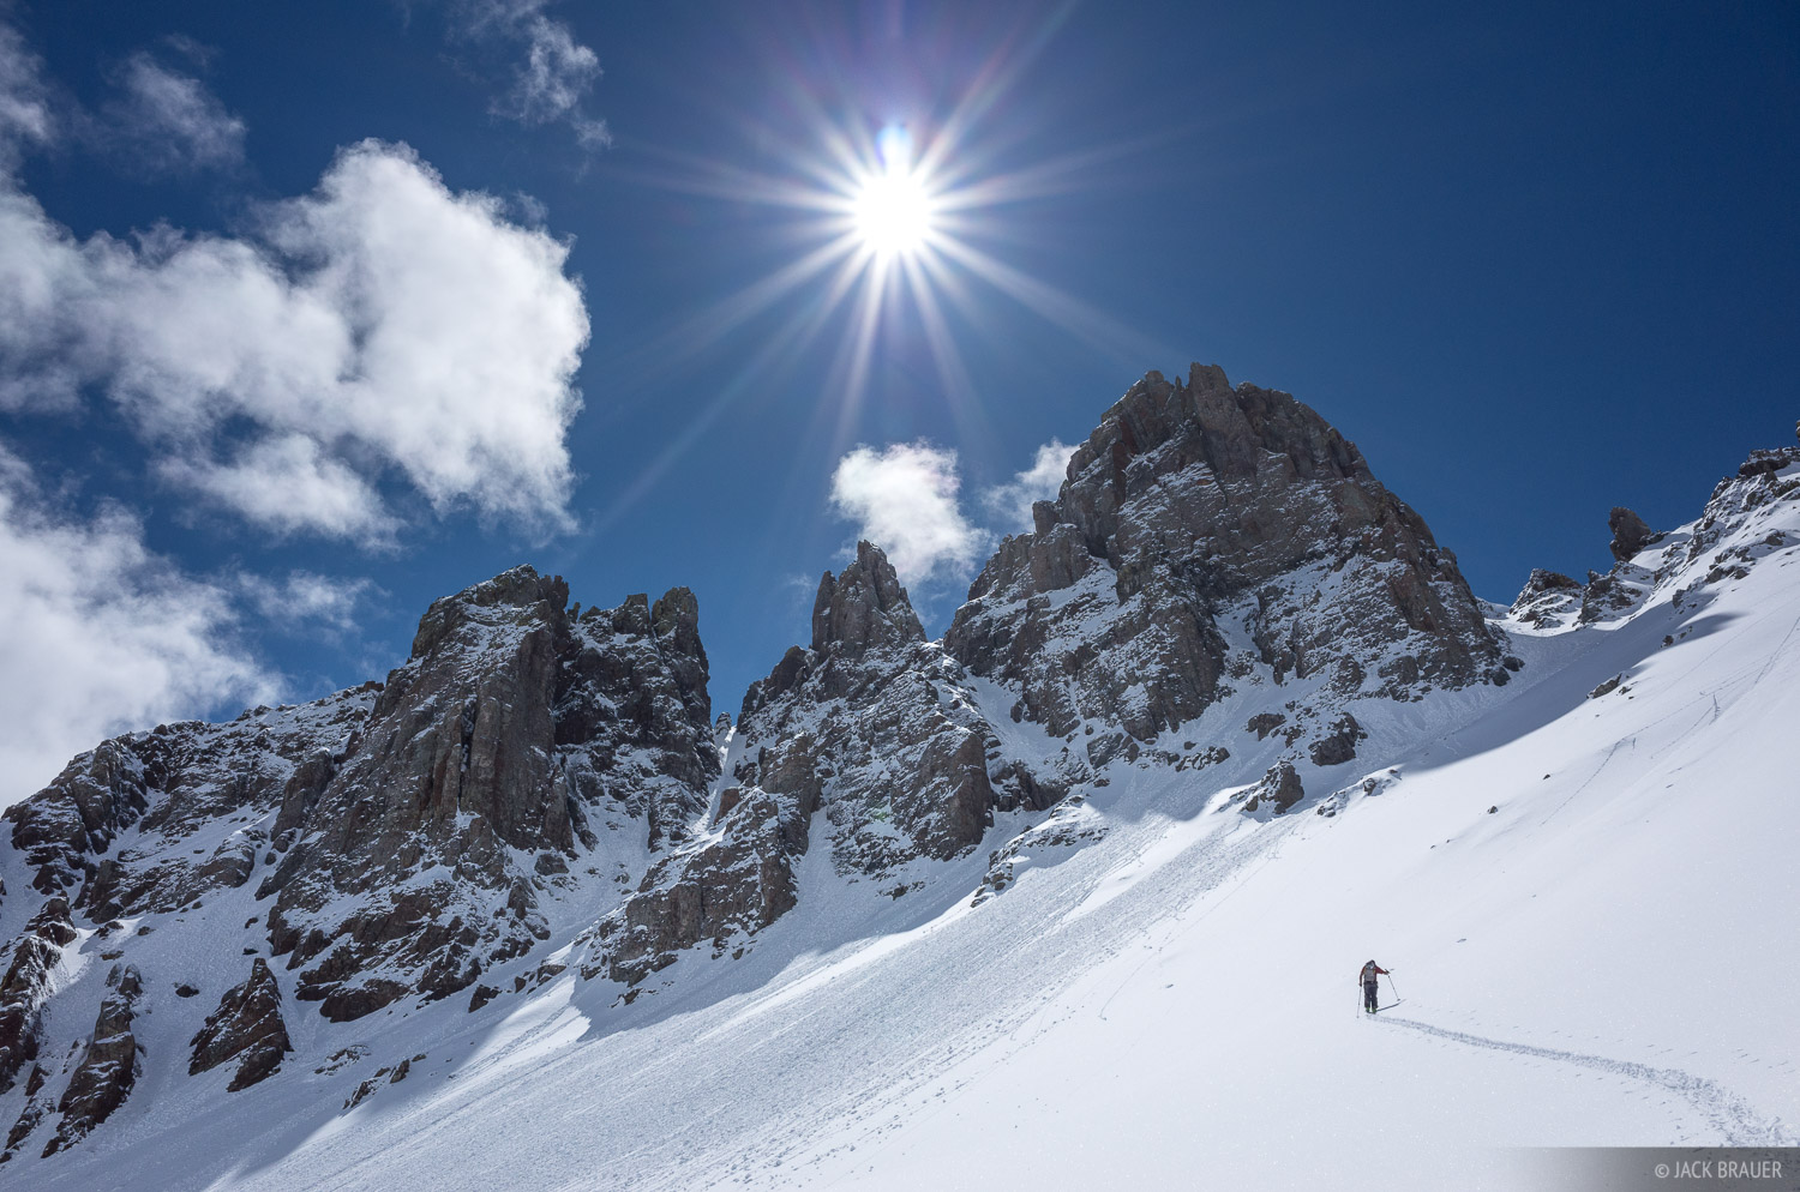 Colorado, Ophir Pass, San Juan Mountains, skiing, April, winter, active, 2015